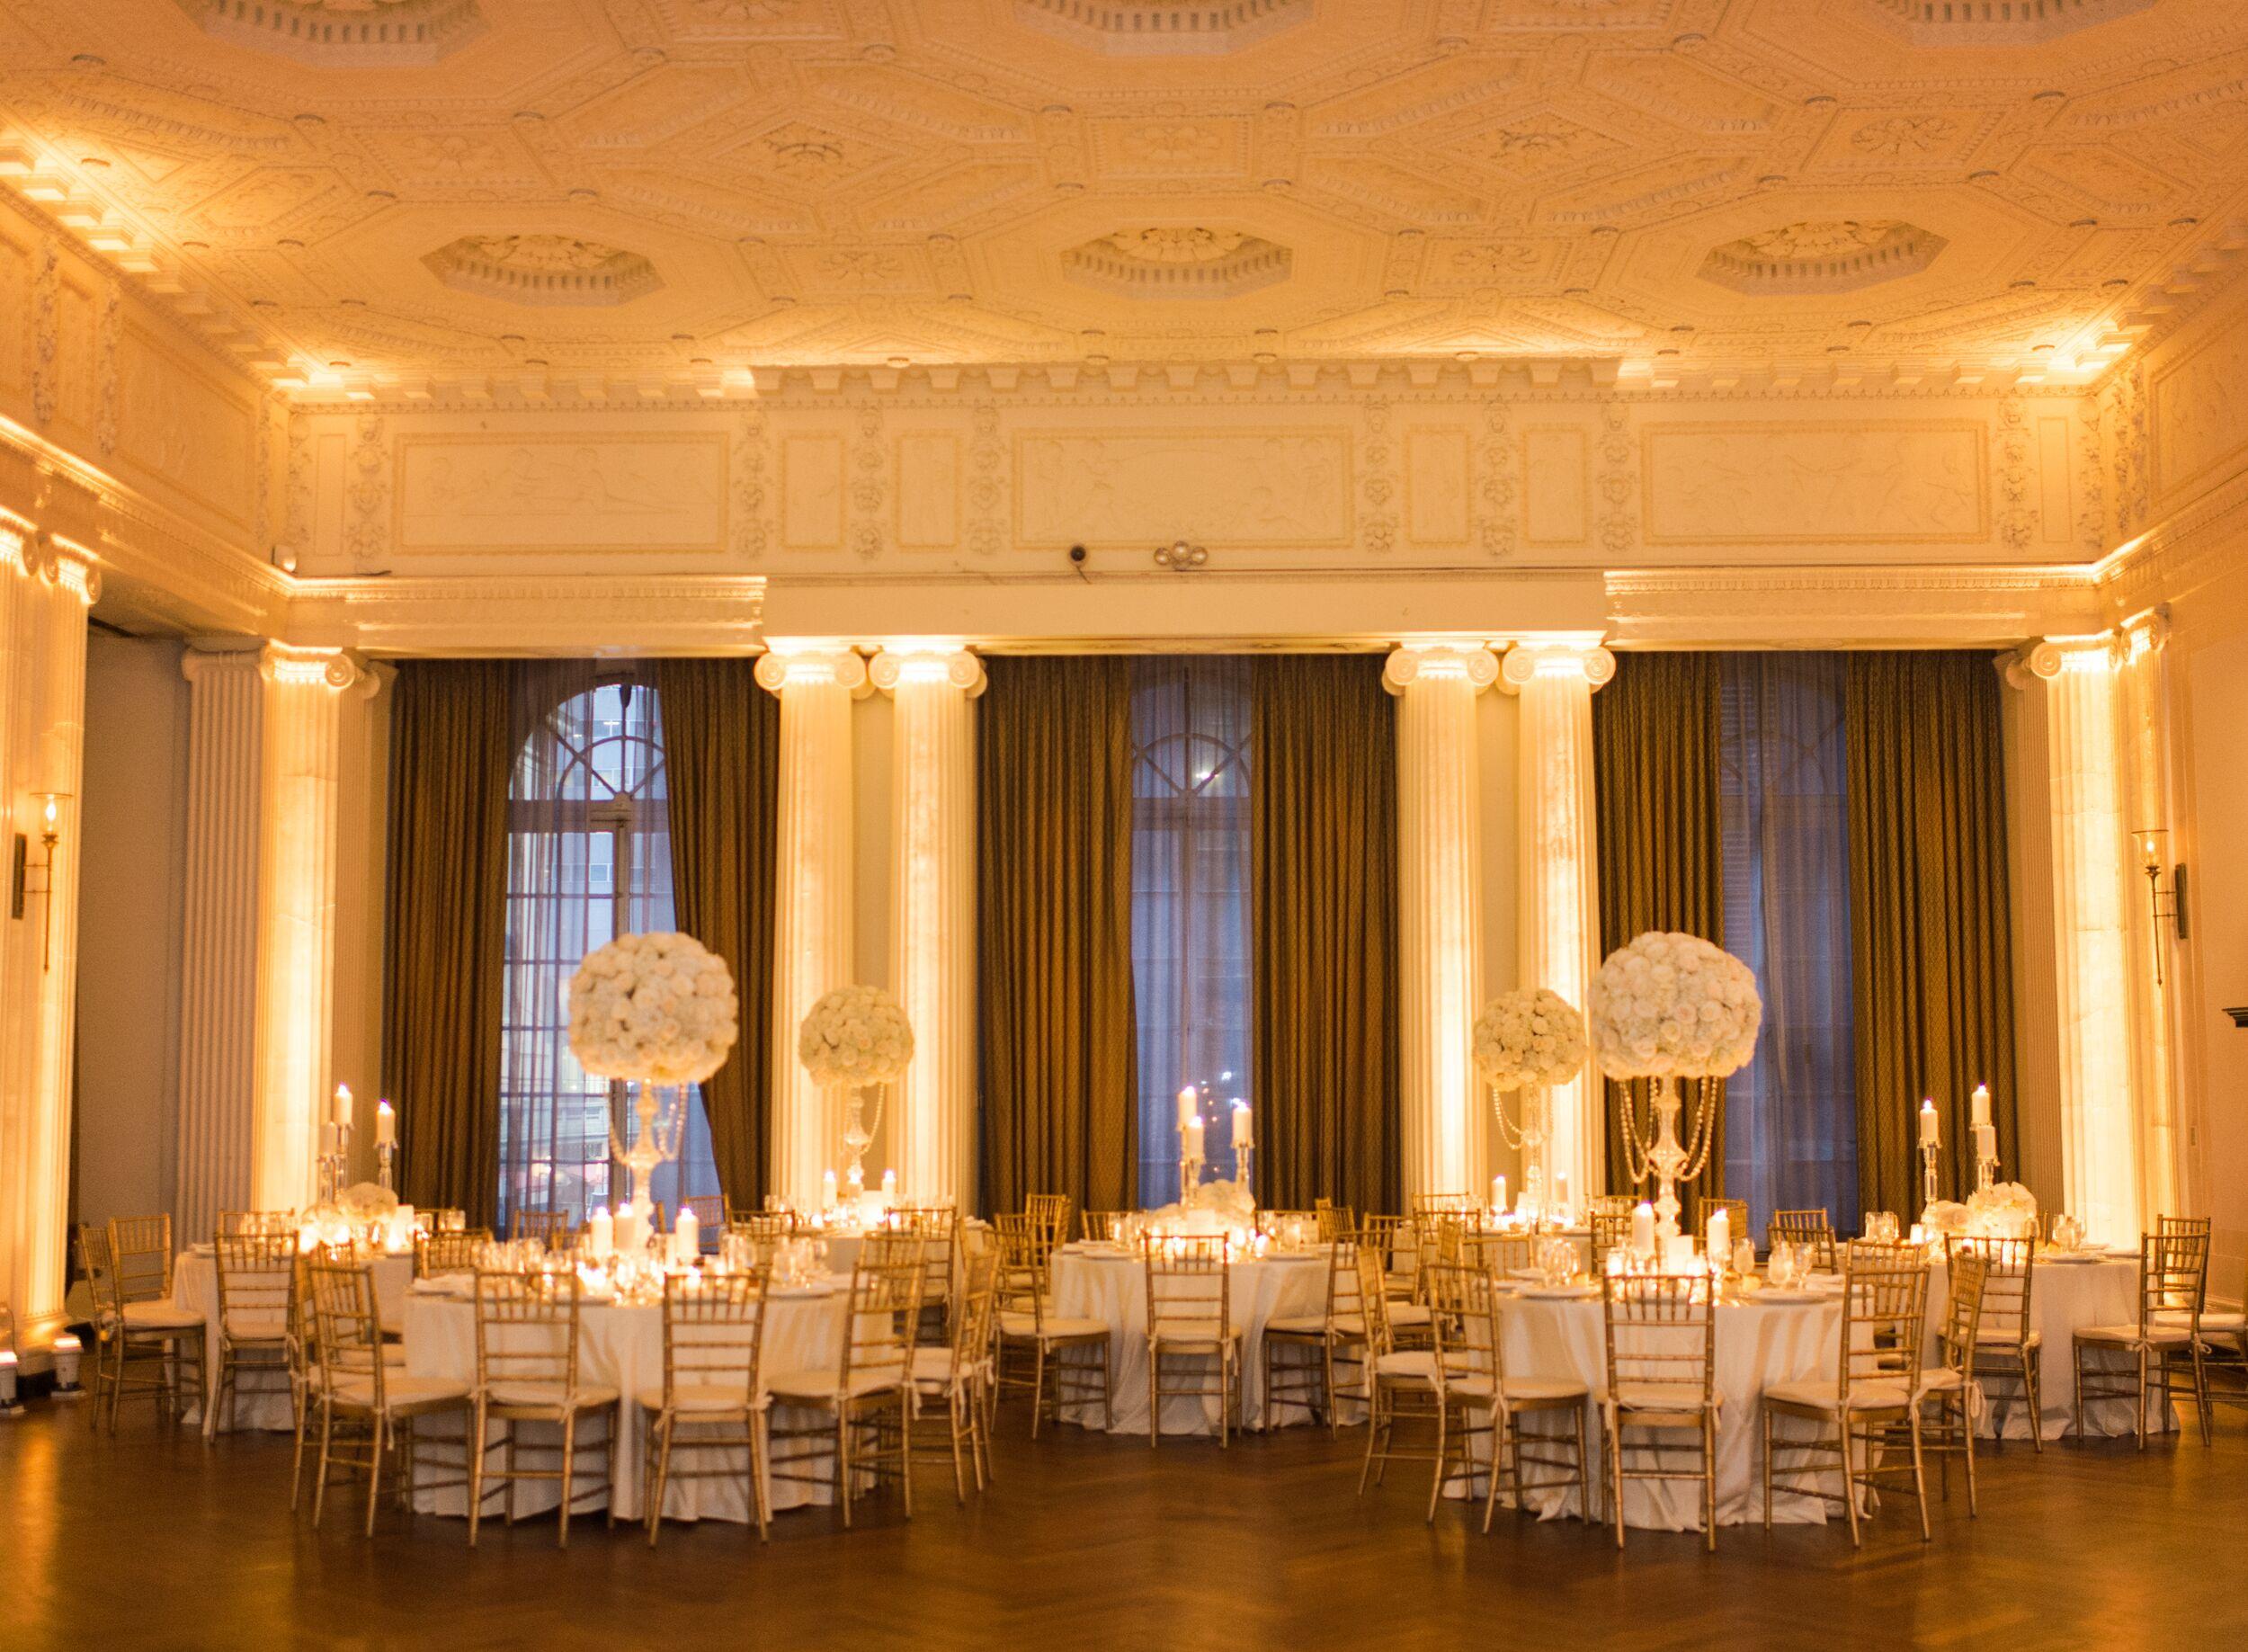 Yale Club Ballroom Wedding Reception